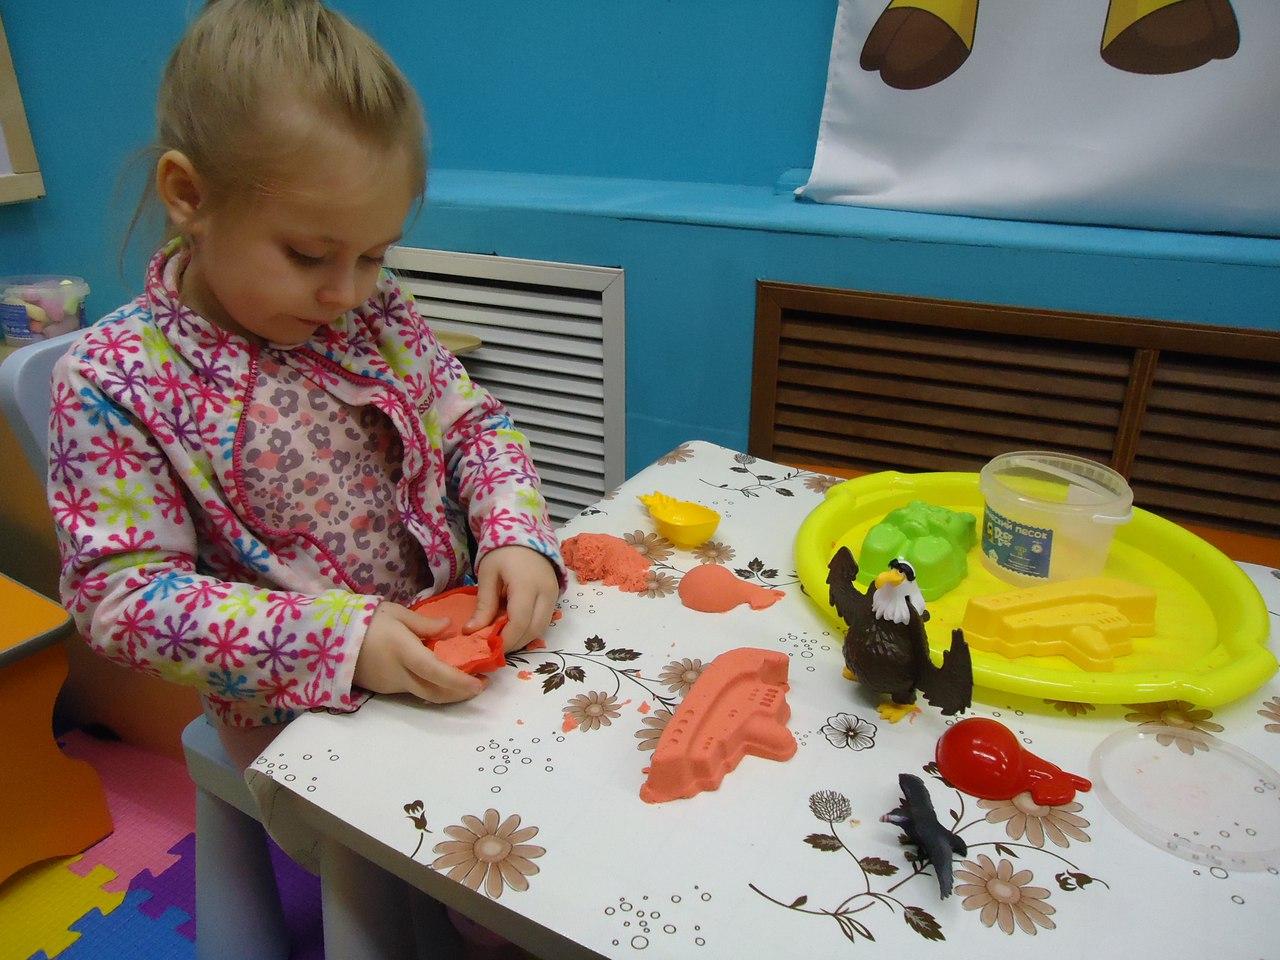 мастер-классы с песком для малышей до 3 лет